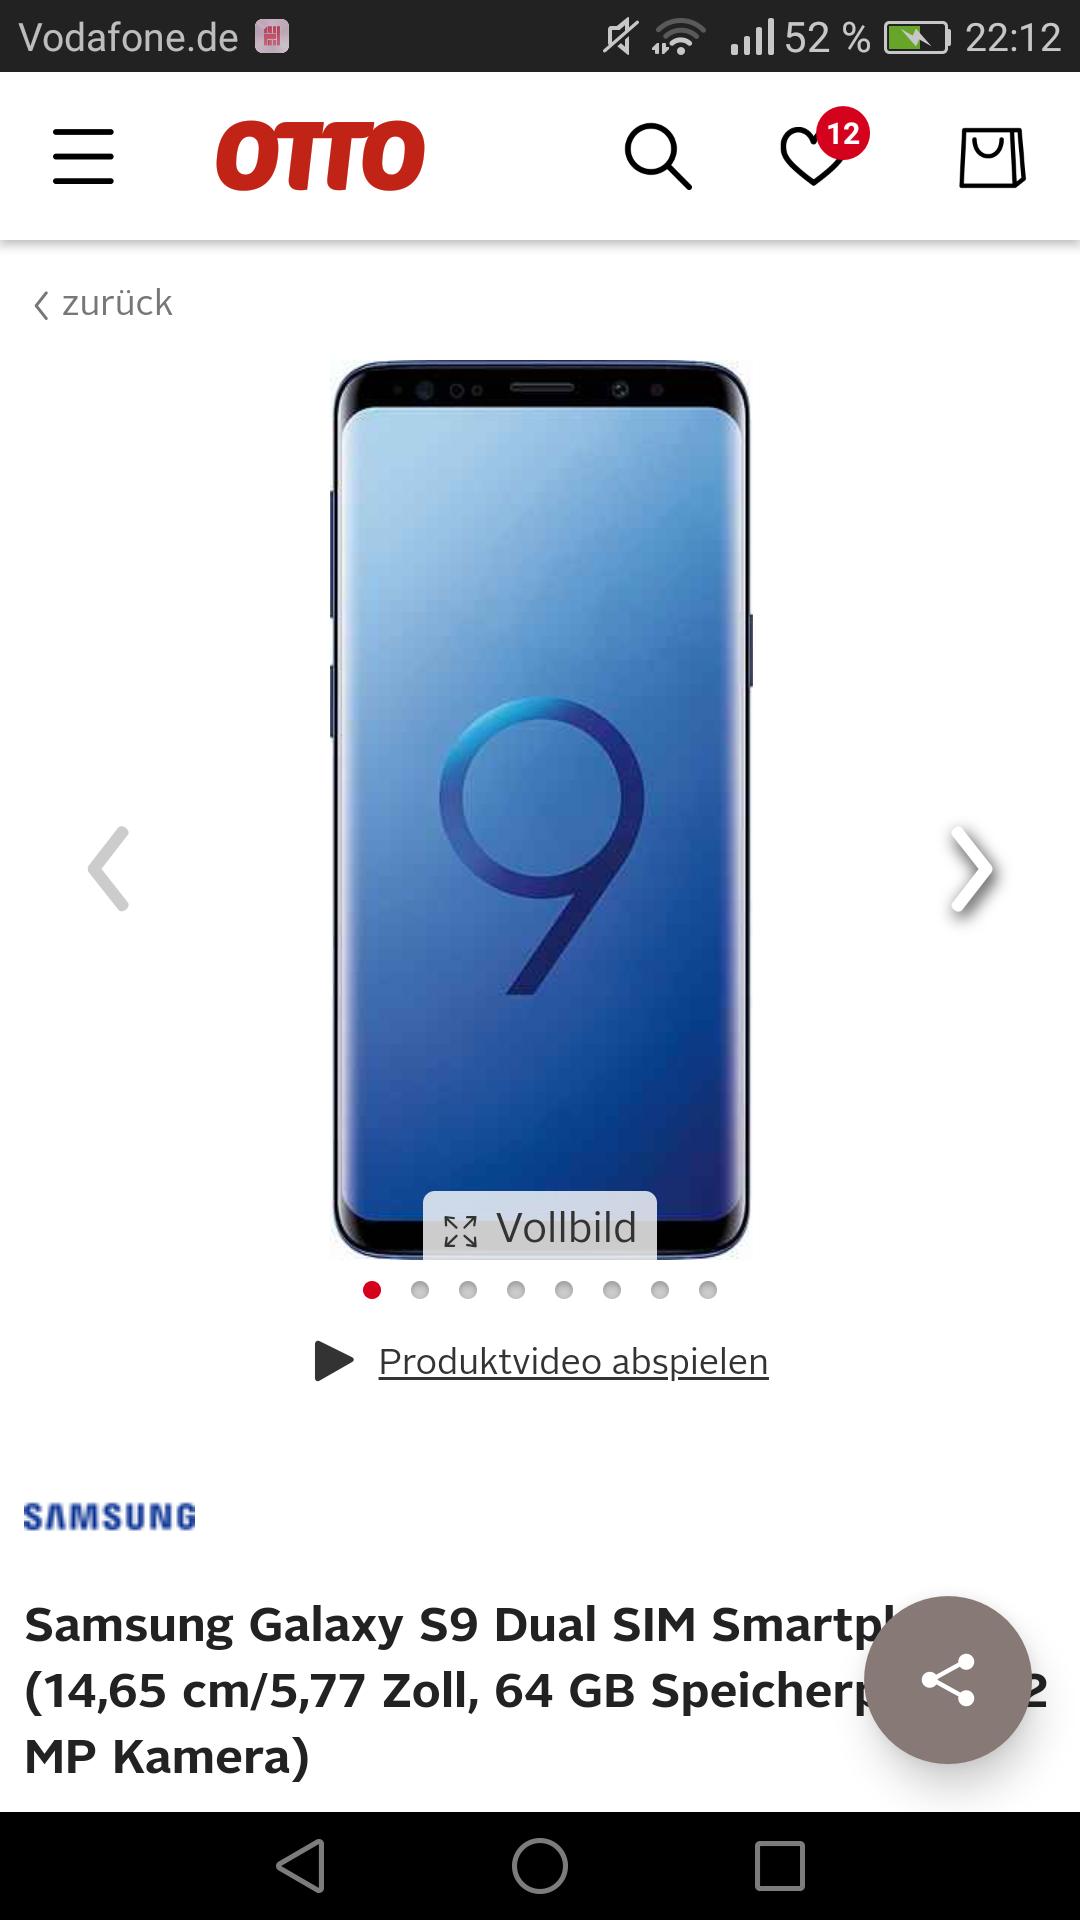 Samsung Galaxy S9/S9+. Nur für Kunden mit dem Otto Sparvorteil!